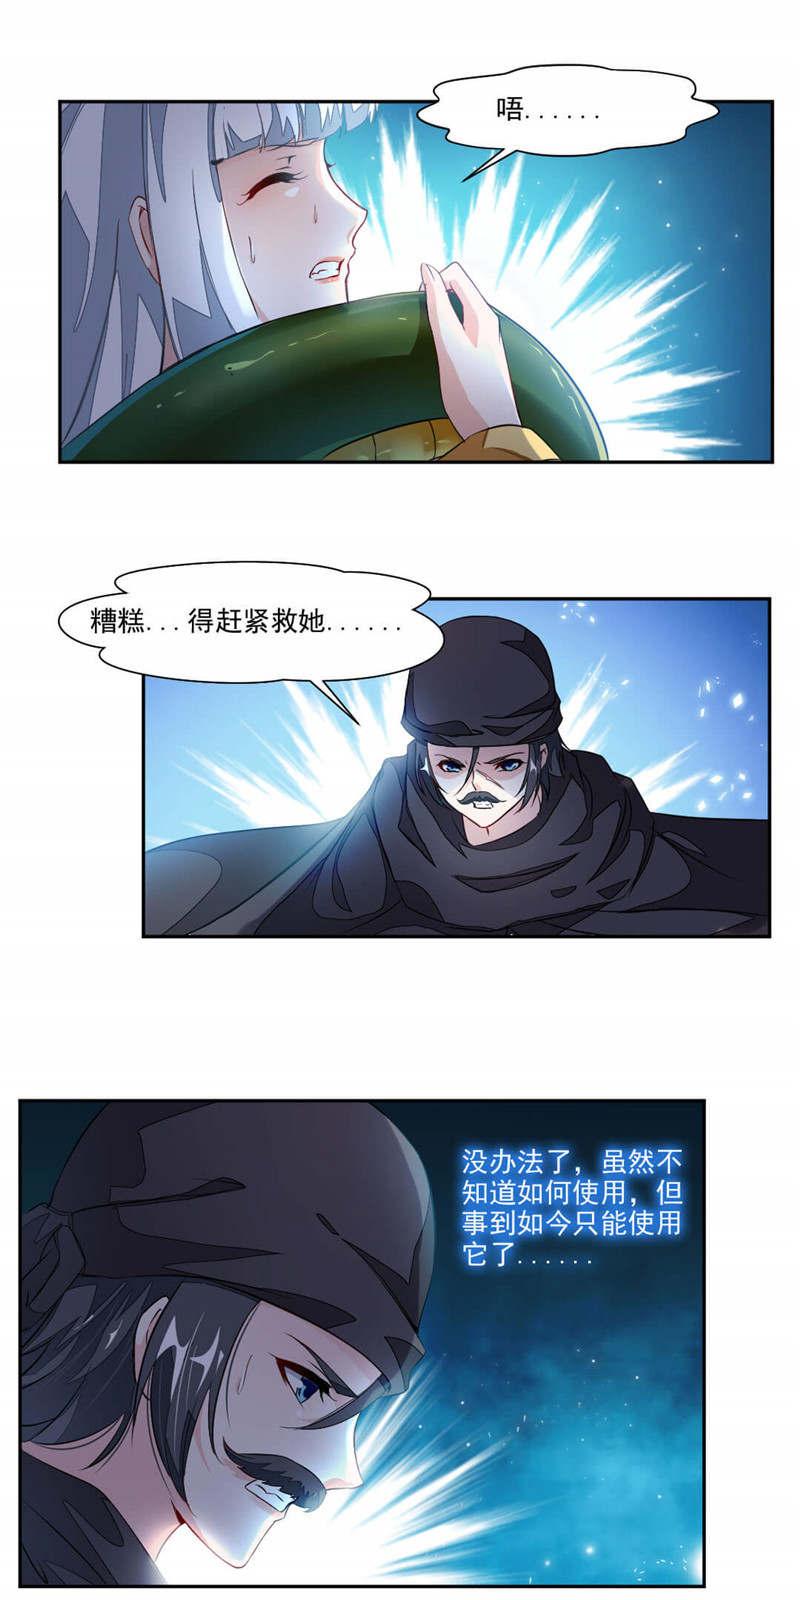 九阳神王第22话  为救崔慧受伤 第 6